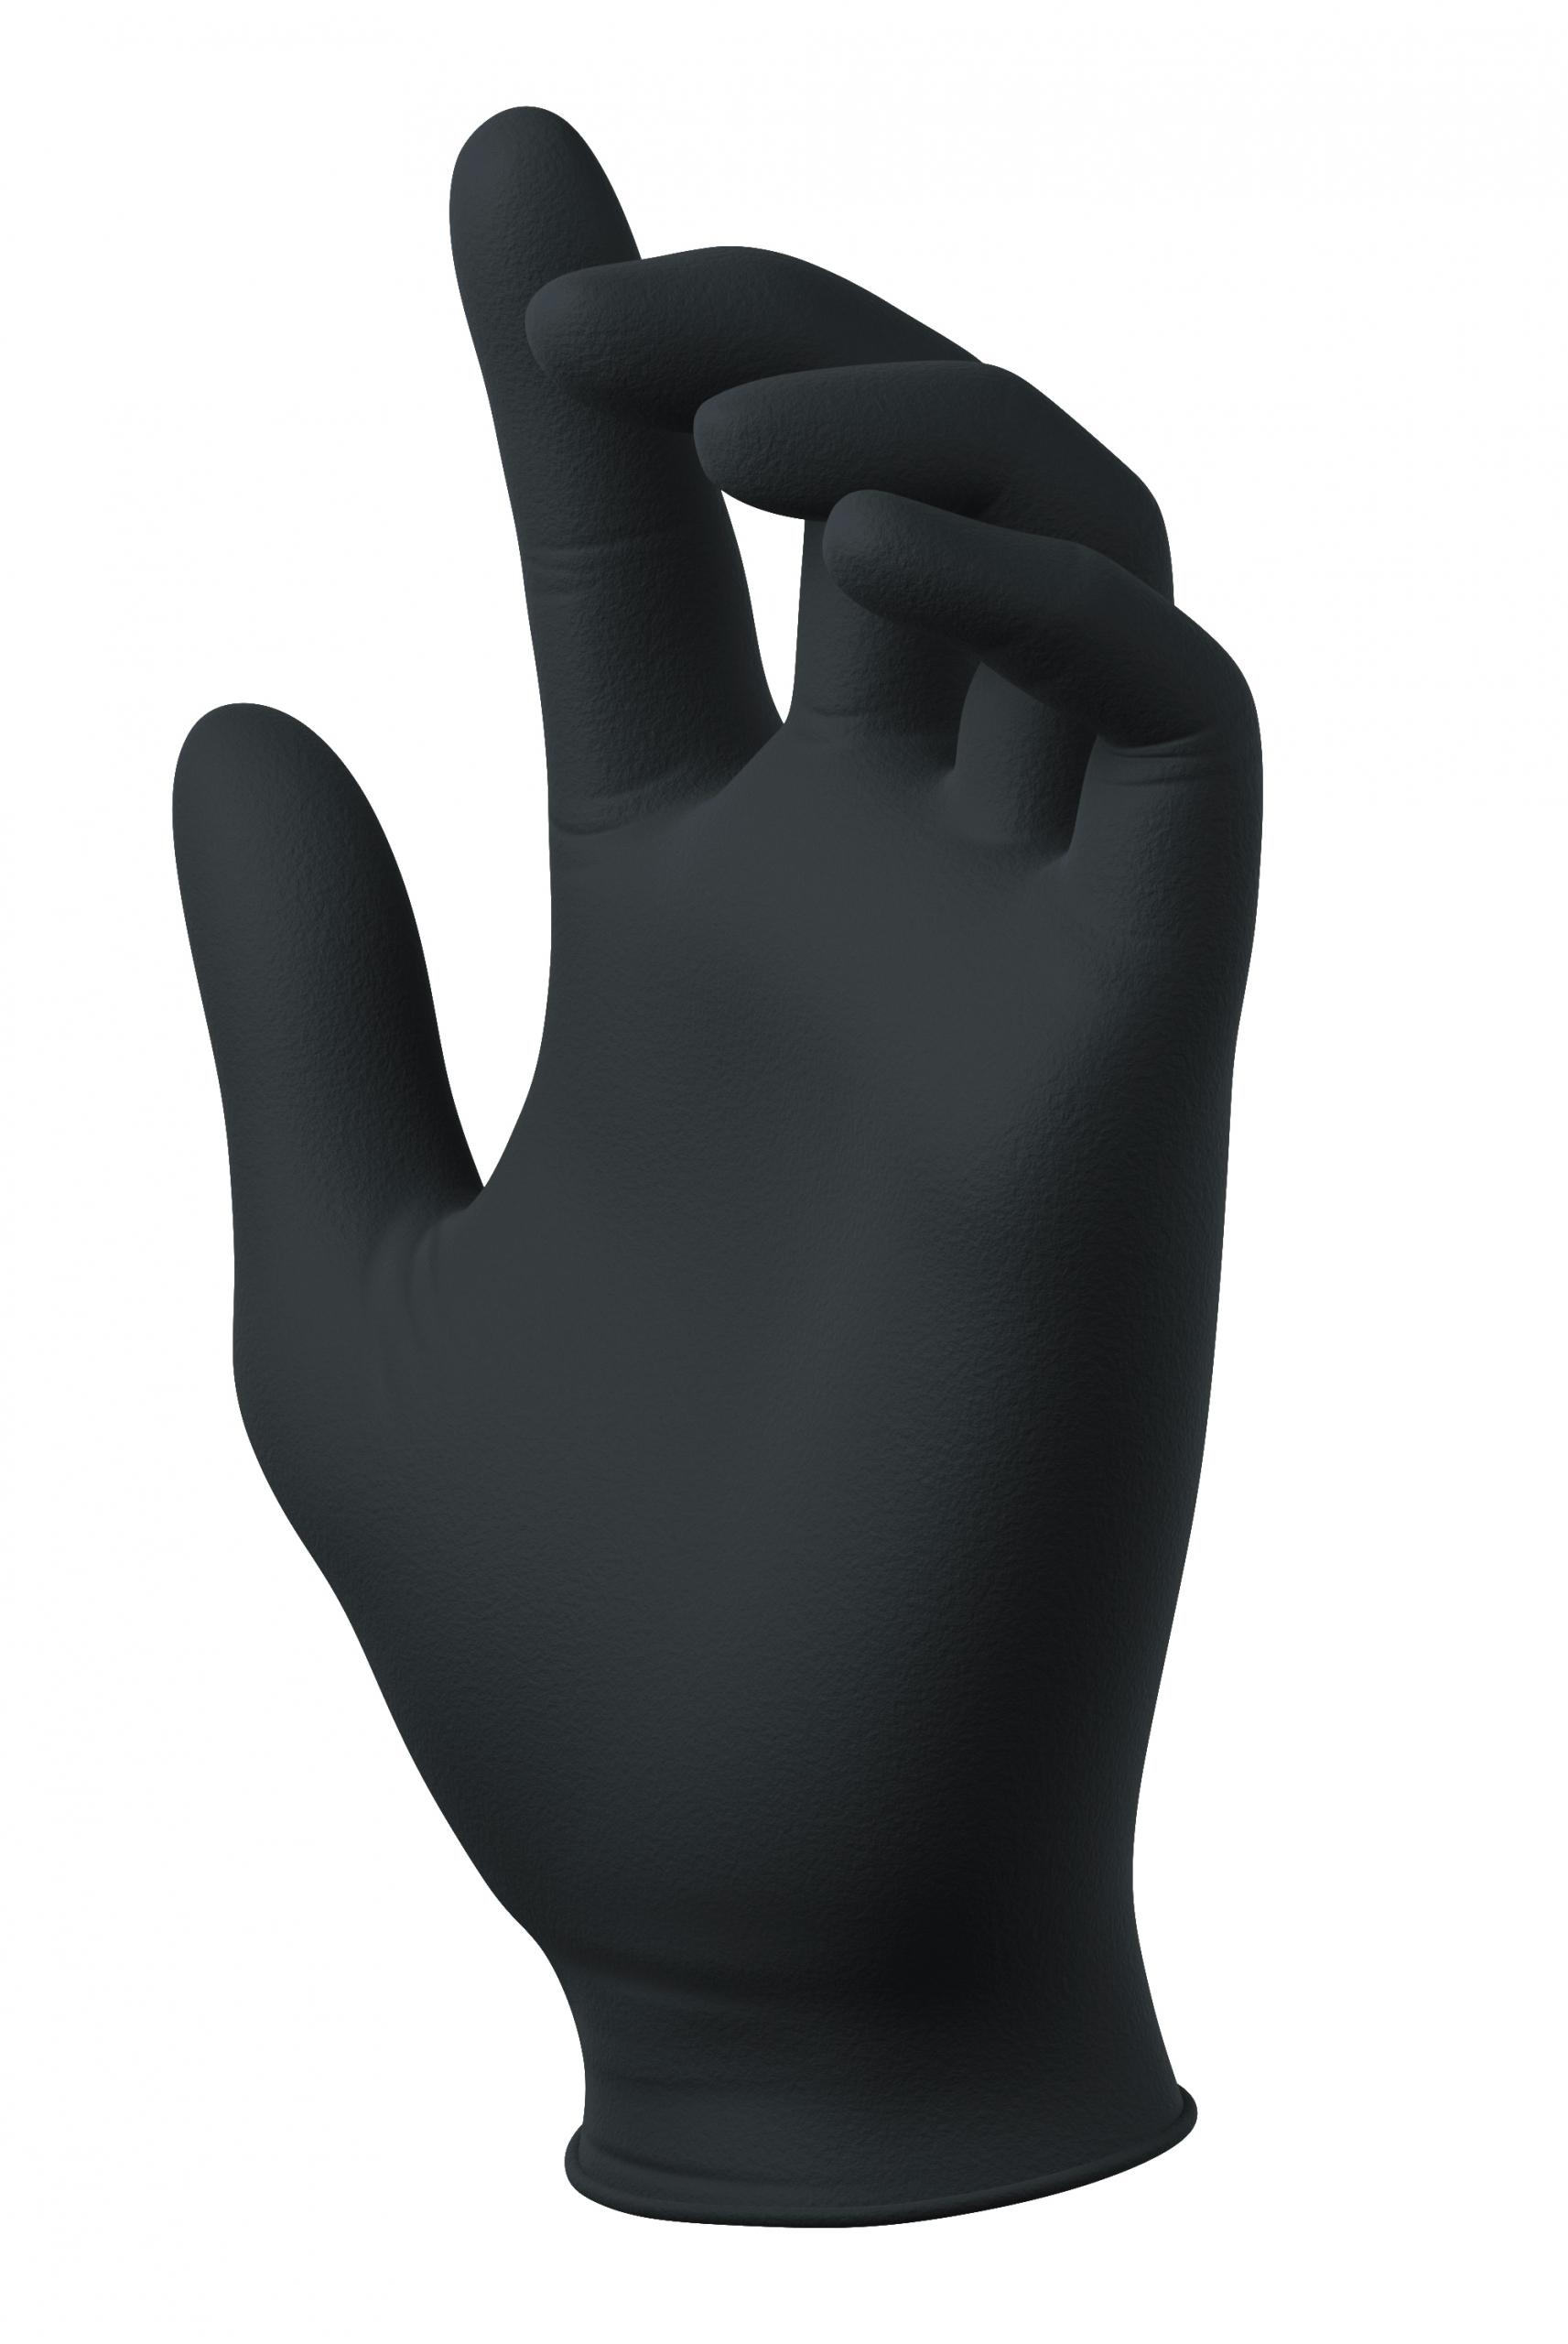 N716884 - Powerform® Black Image